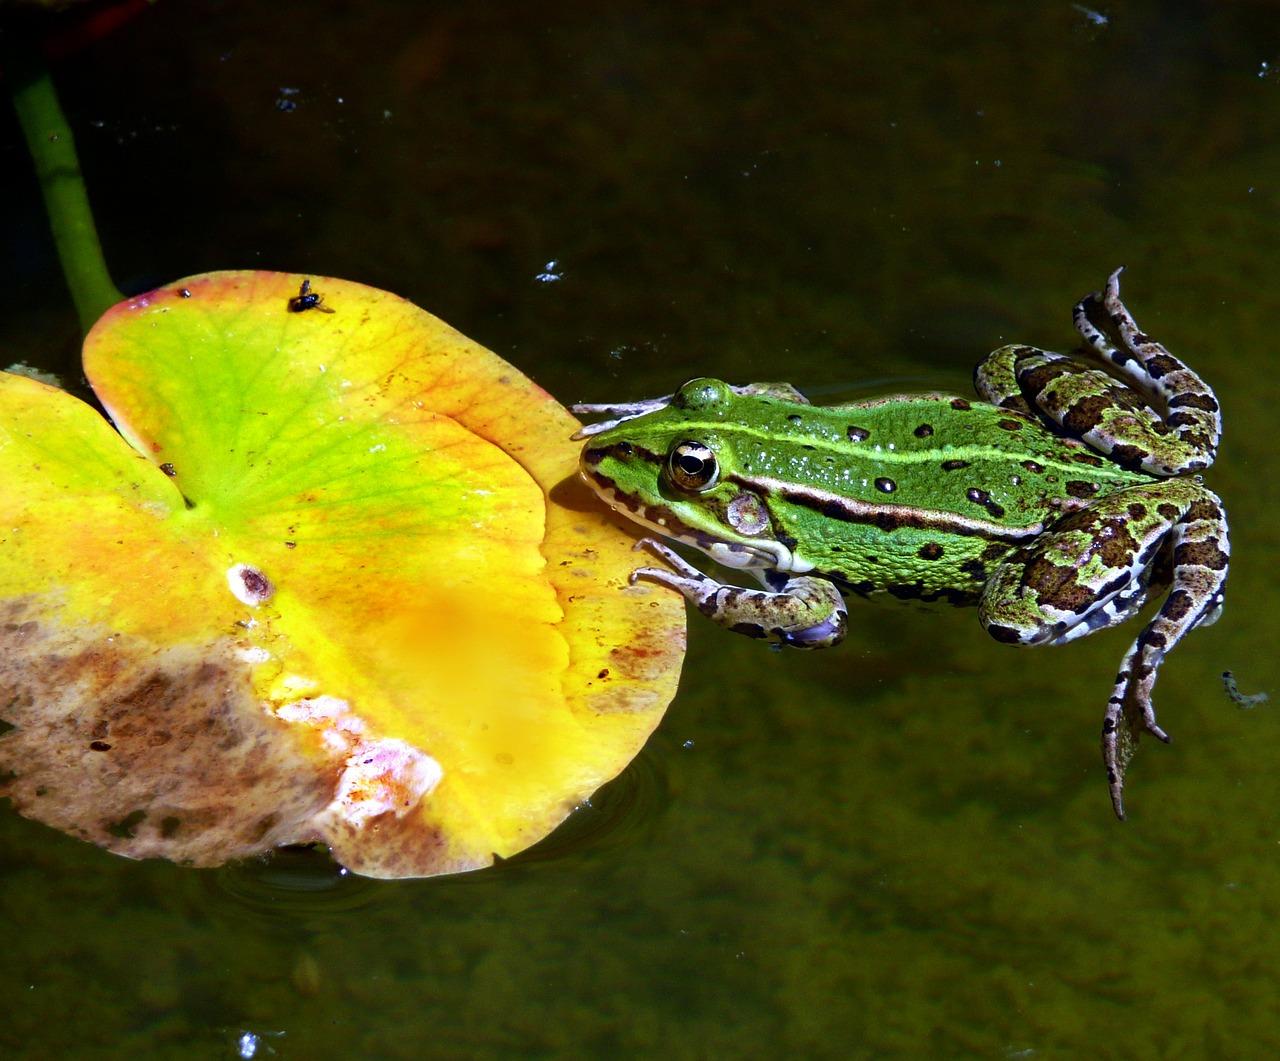 приснилось что ловлю лягушек